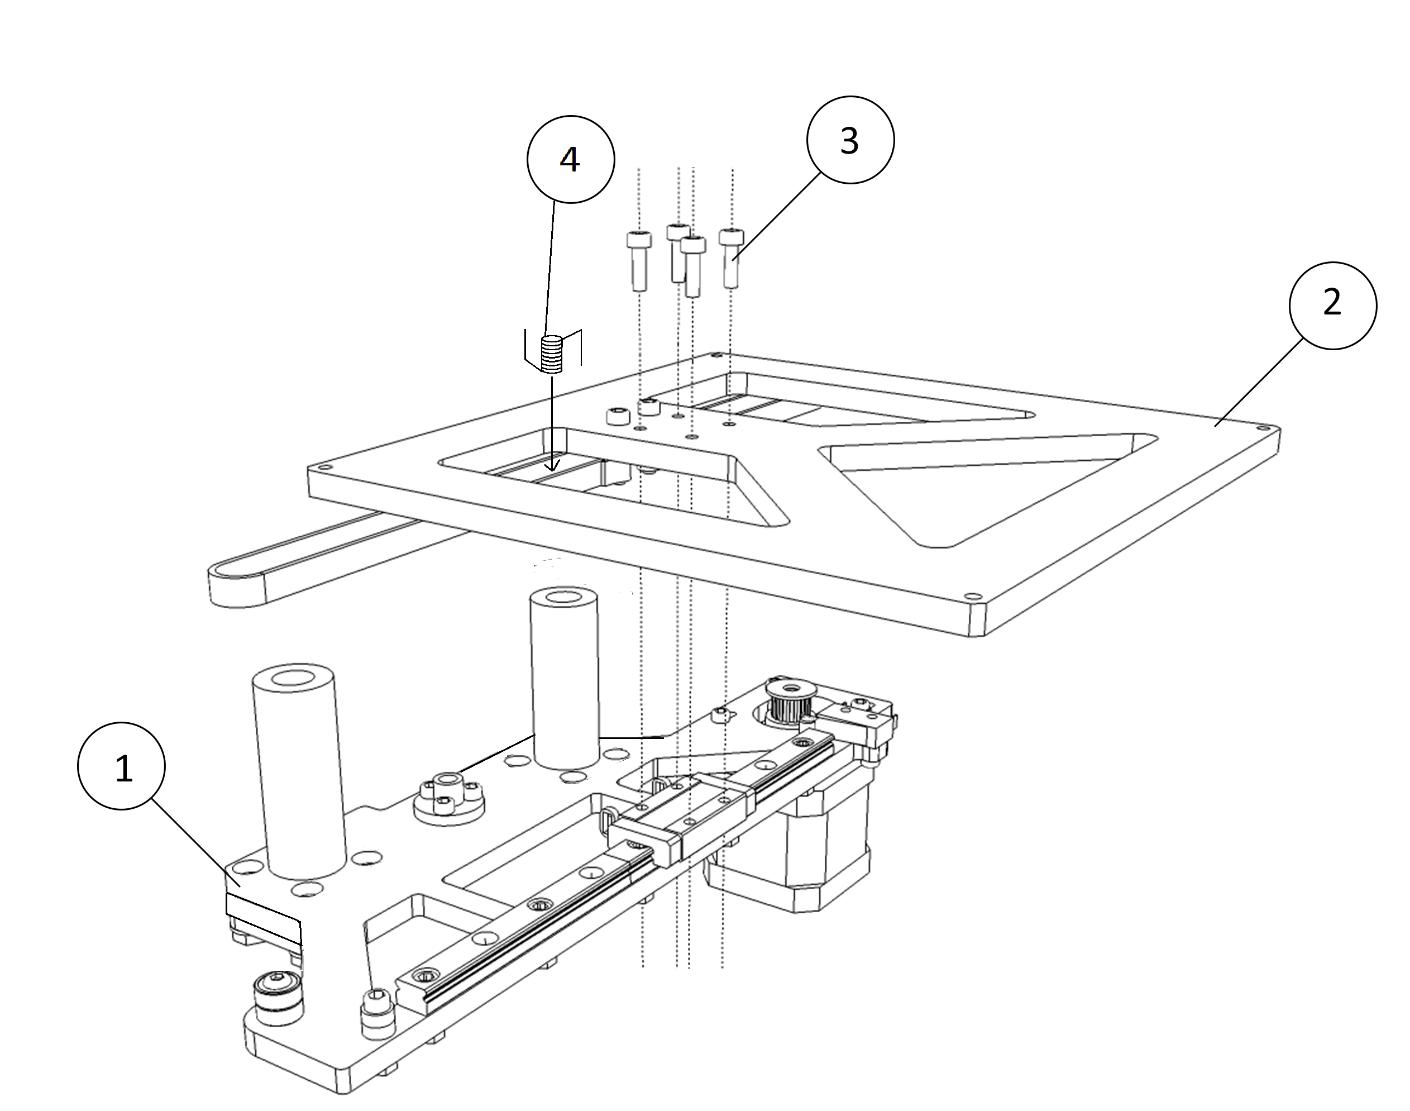 Инструкция по сборке 3D принтера Prism Uni(часть 1-механика) - 11